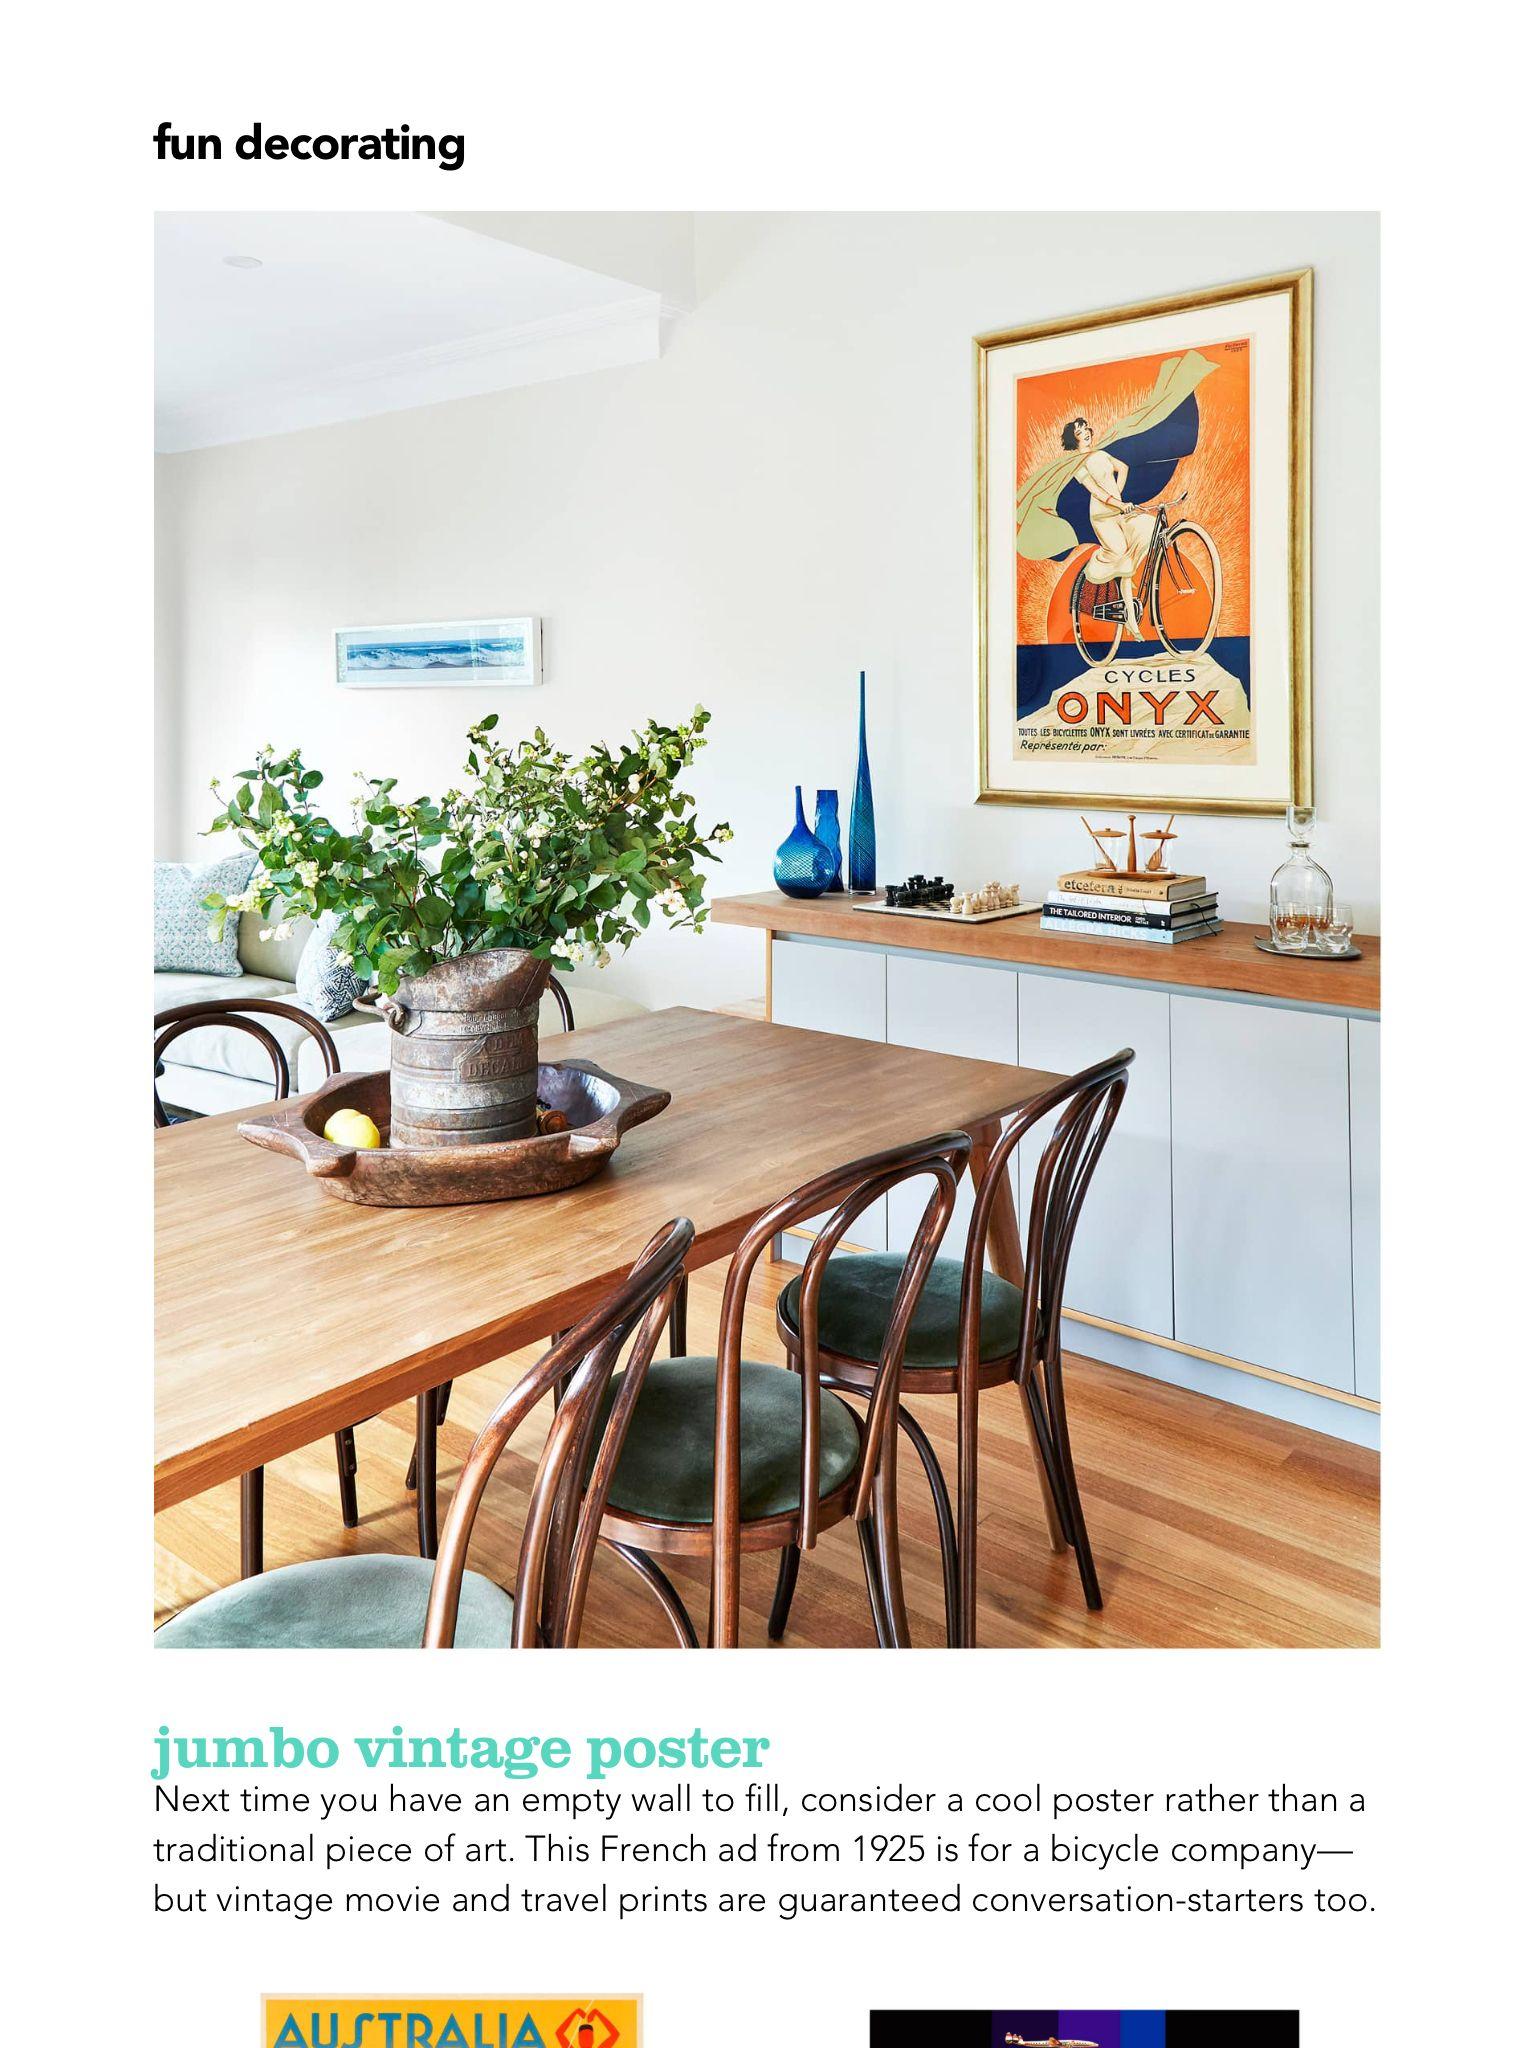 Talk of the room: jumbo vintage poster\